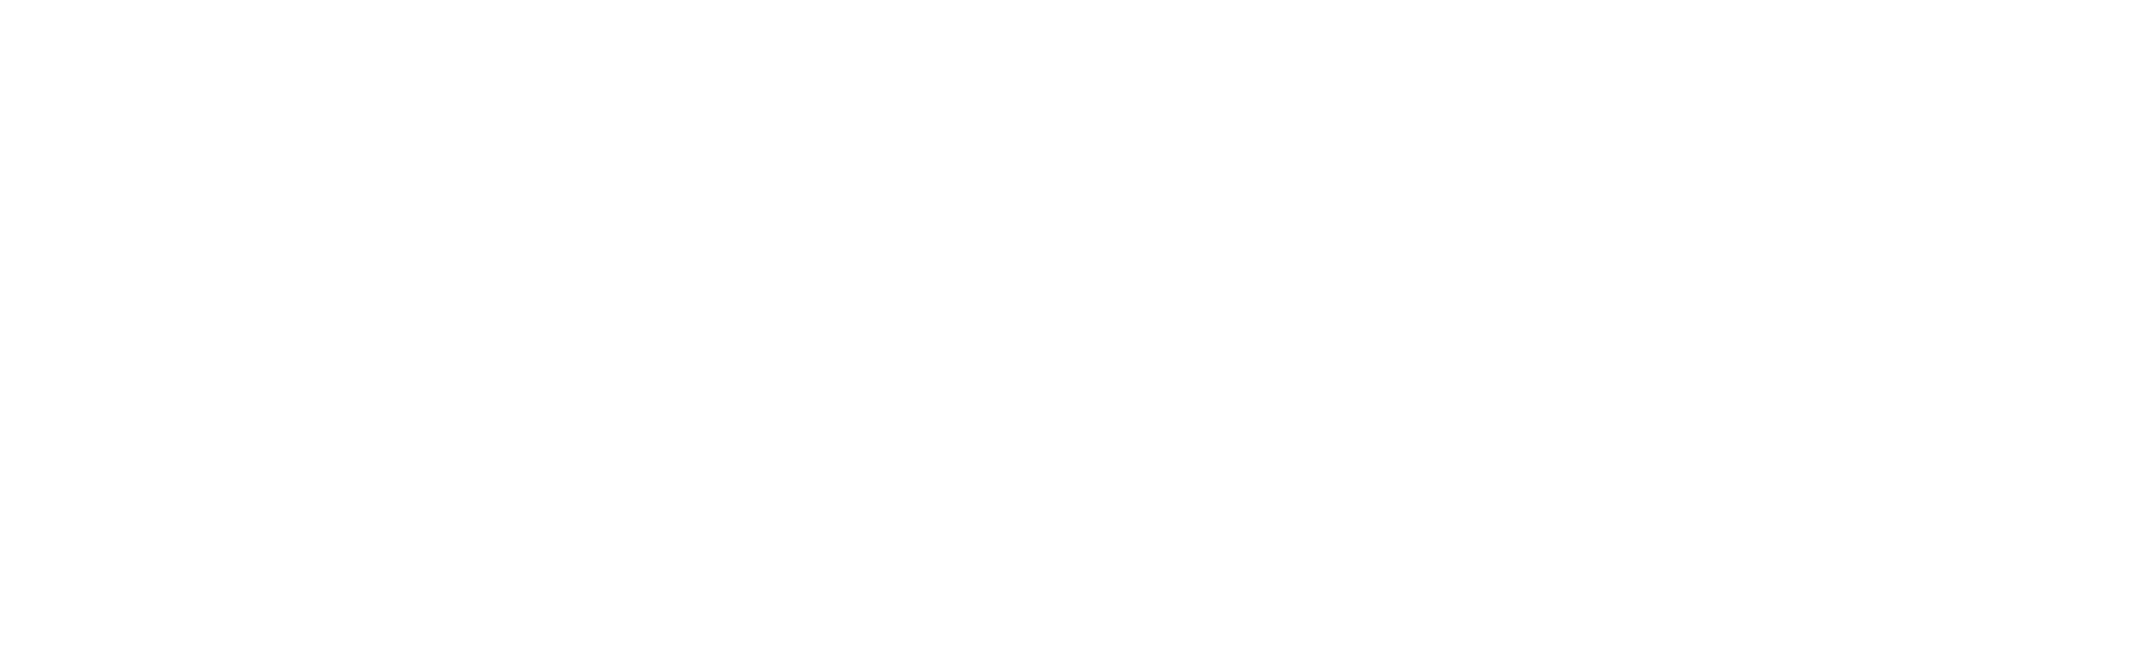 Startup Ummah